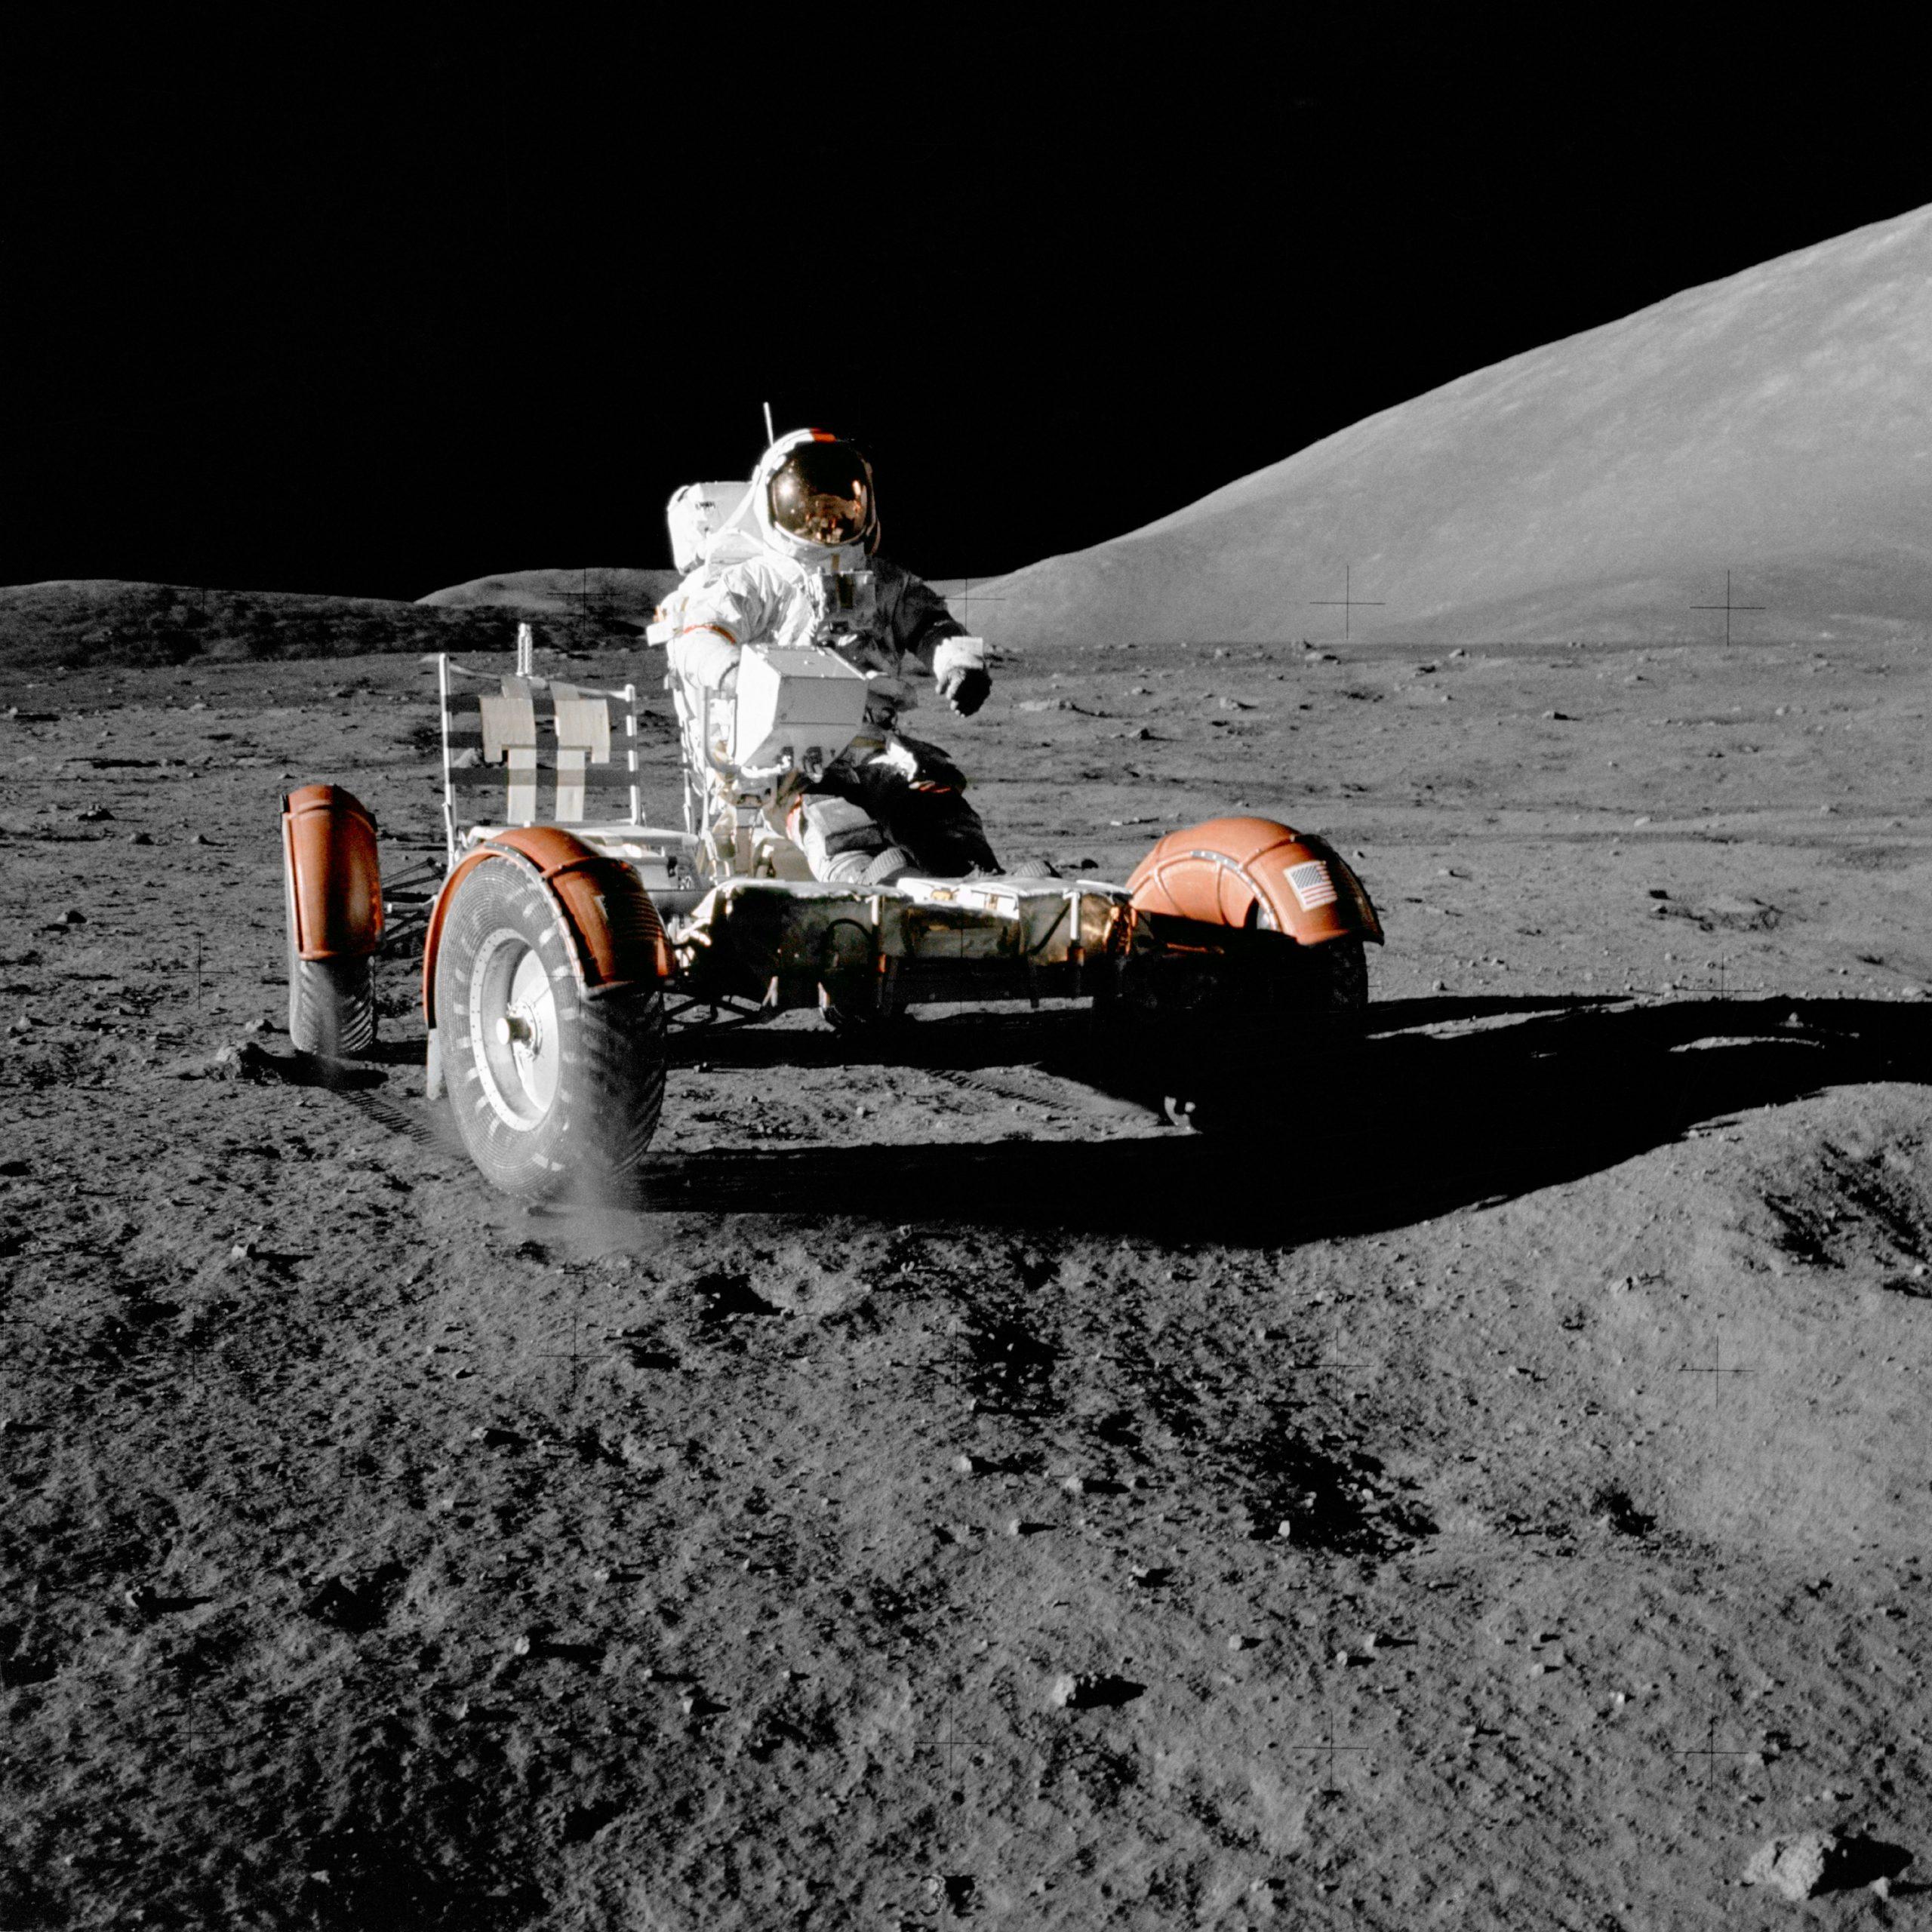 Misija Apollo 17, prosinac 1972., posljednji put kad su ljudi stupili na Mjesec. Izvor: Wikimedia Commons.